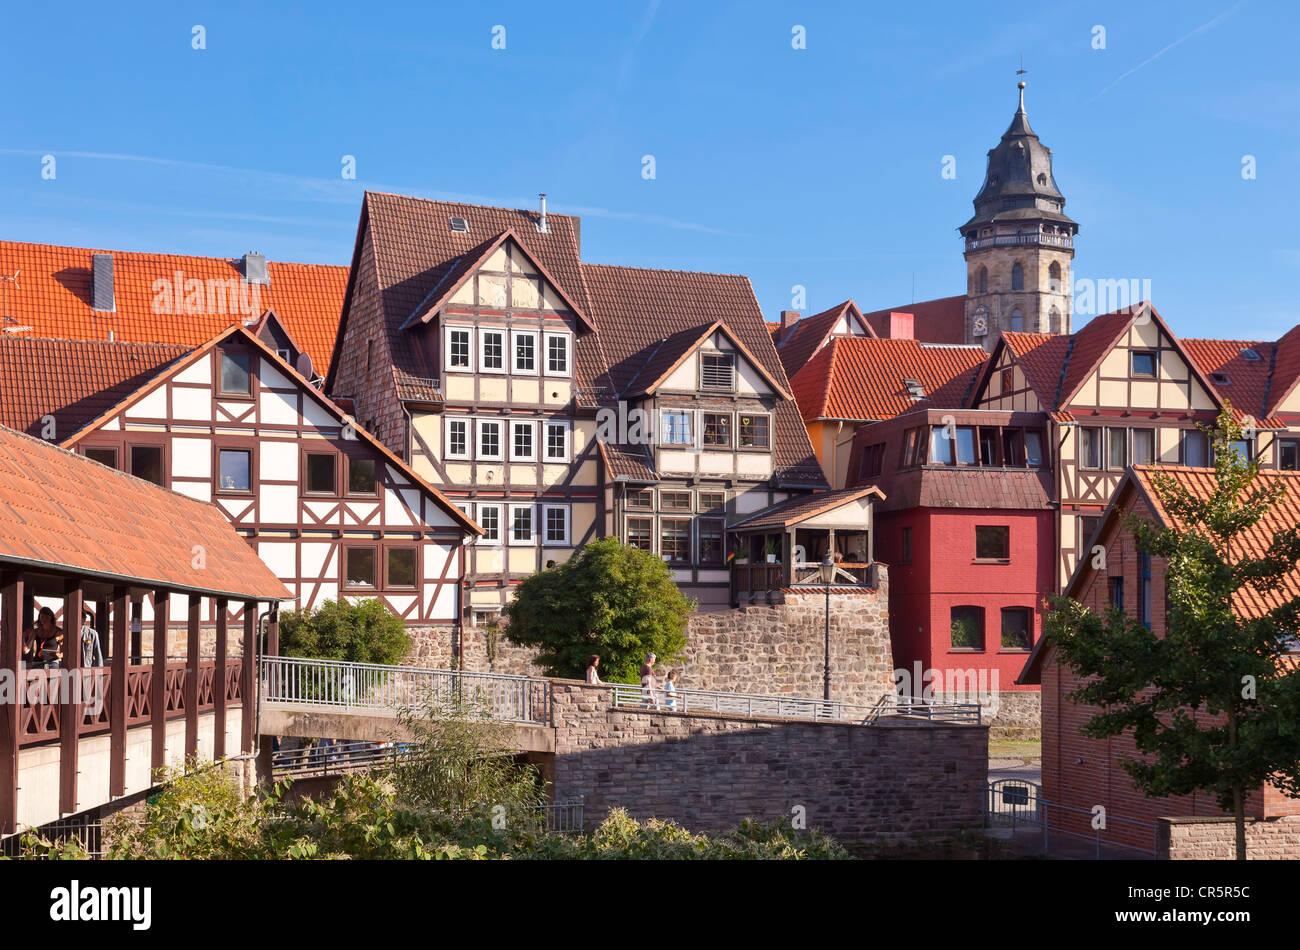 Altstadt mit St.-Blasius-Kirche, Hannoversch Muenden, Niedersachsen, Deutschland, Europa Stockbild